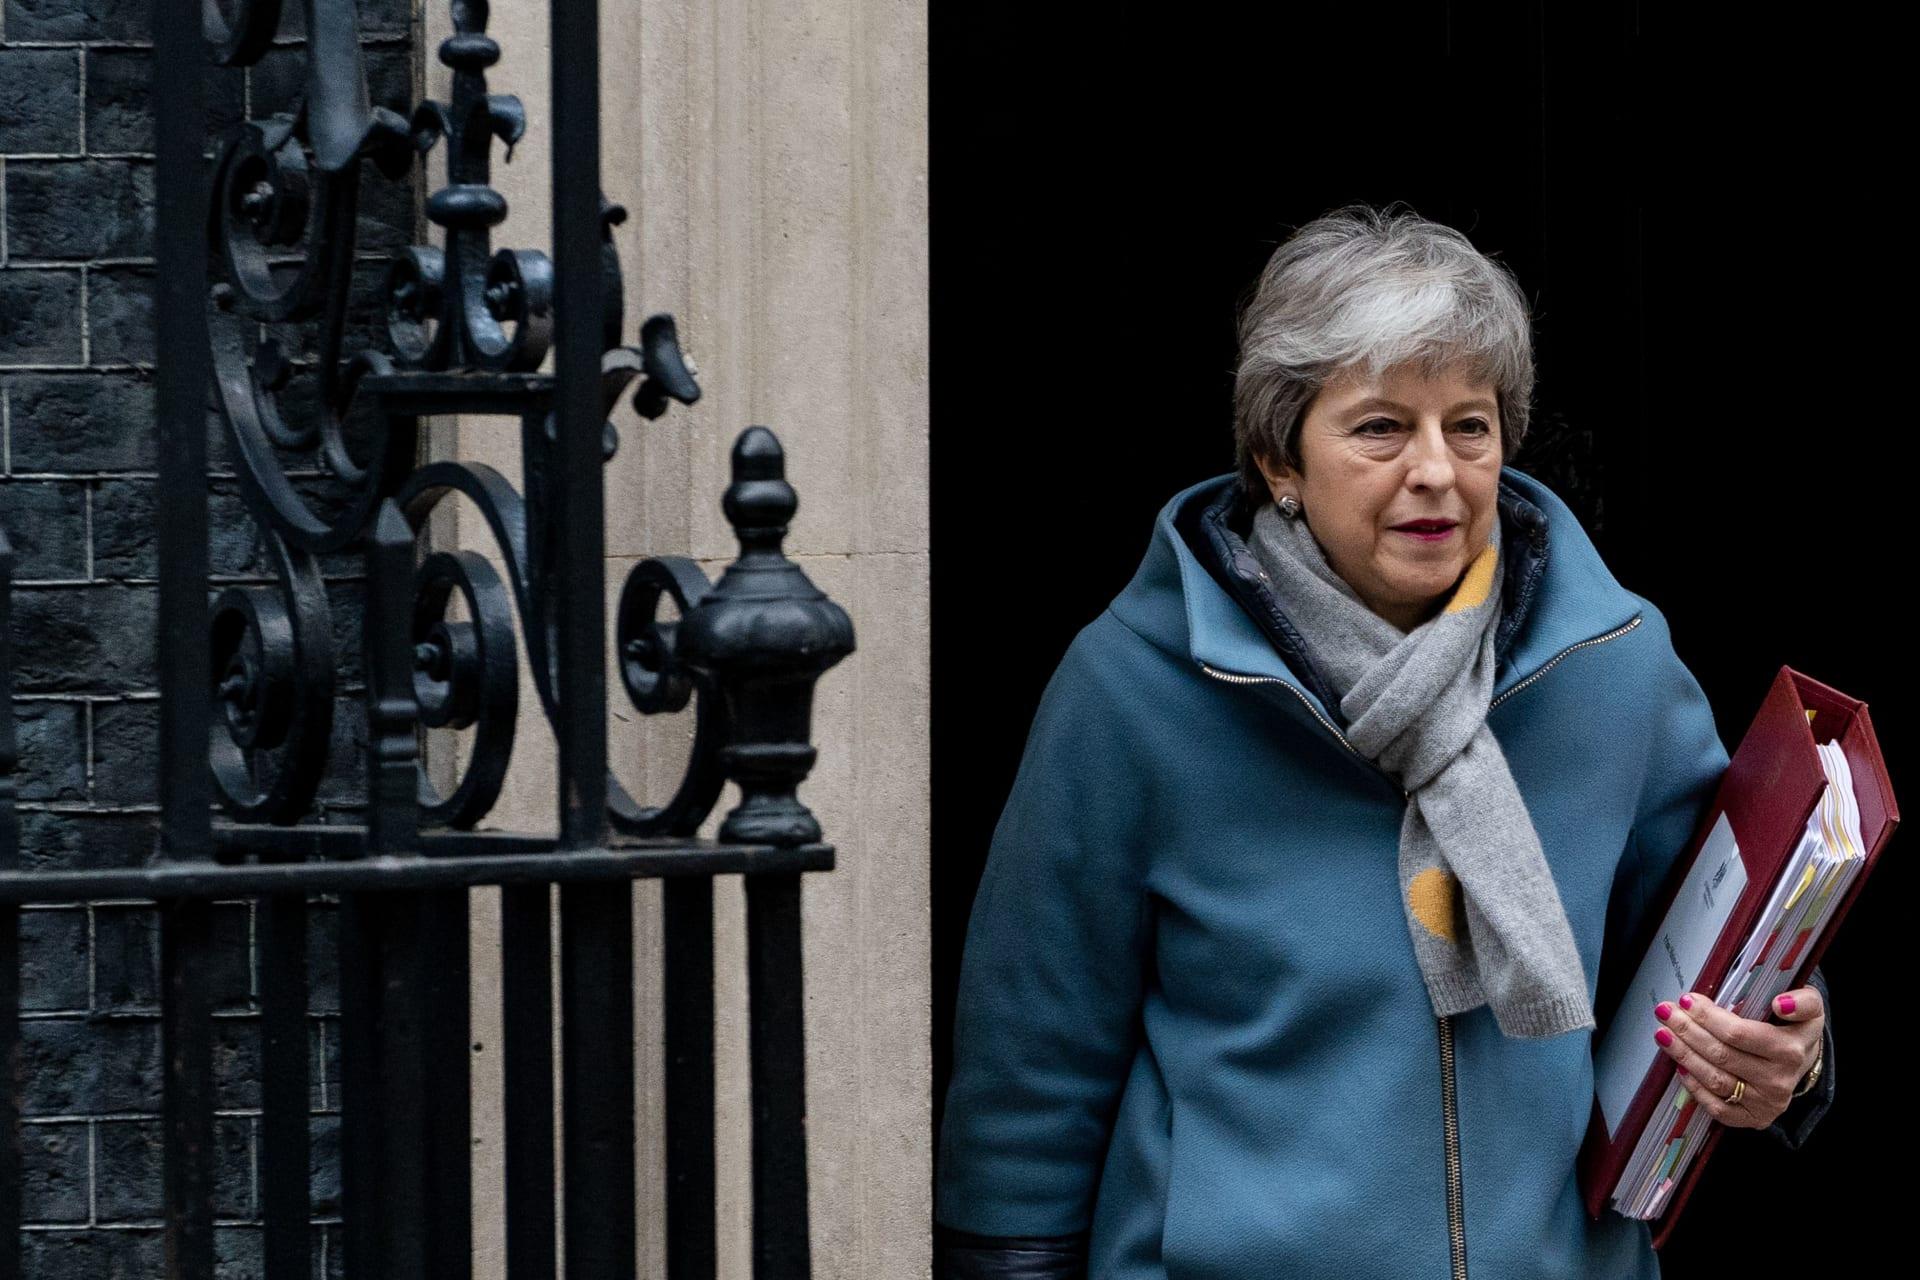 """الاقتصاد البريطاني يخسر 6 ملايين دولار في الساعة بسبب """"بريكست"""""""